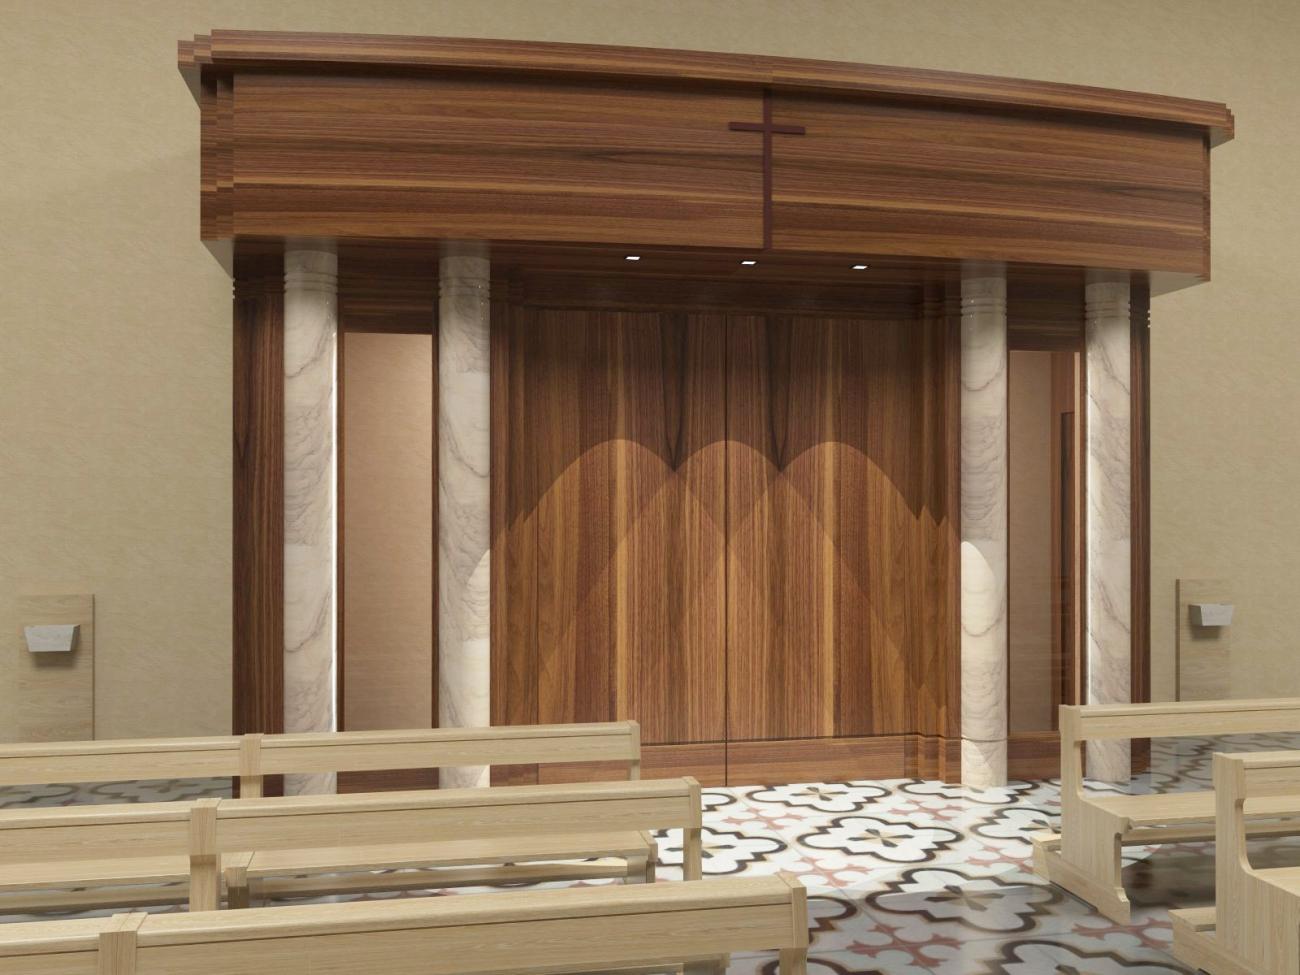 Bussola antiporta legno noce porte e bussole per chiesa for Portale arredamento